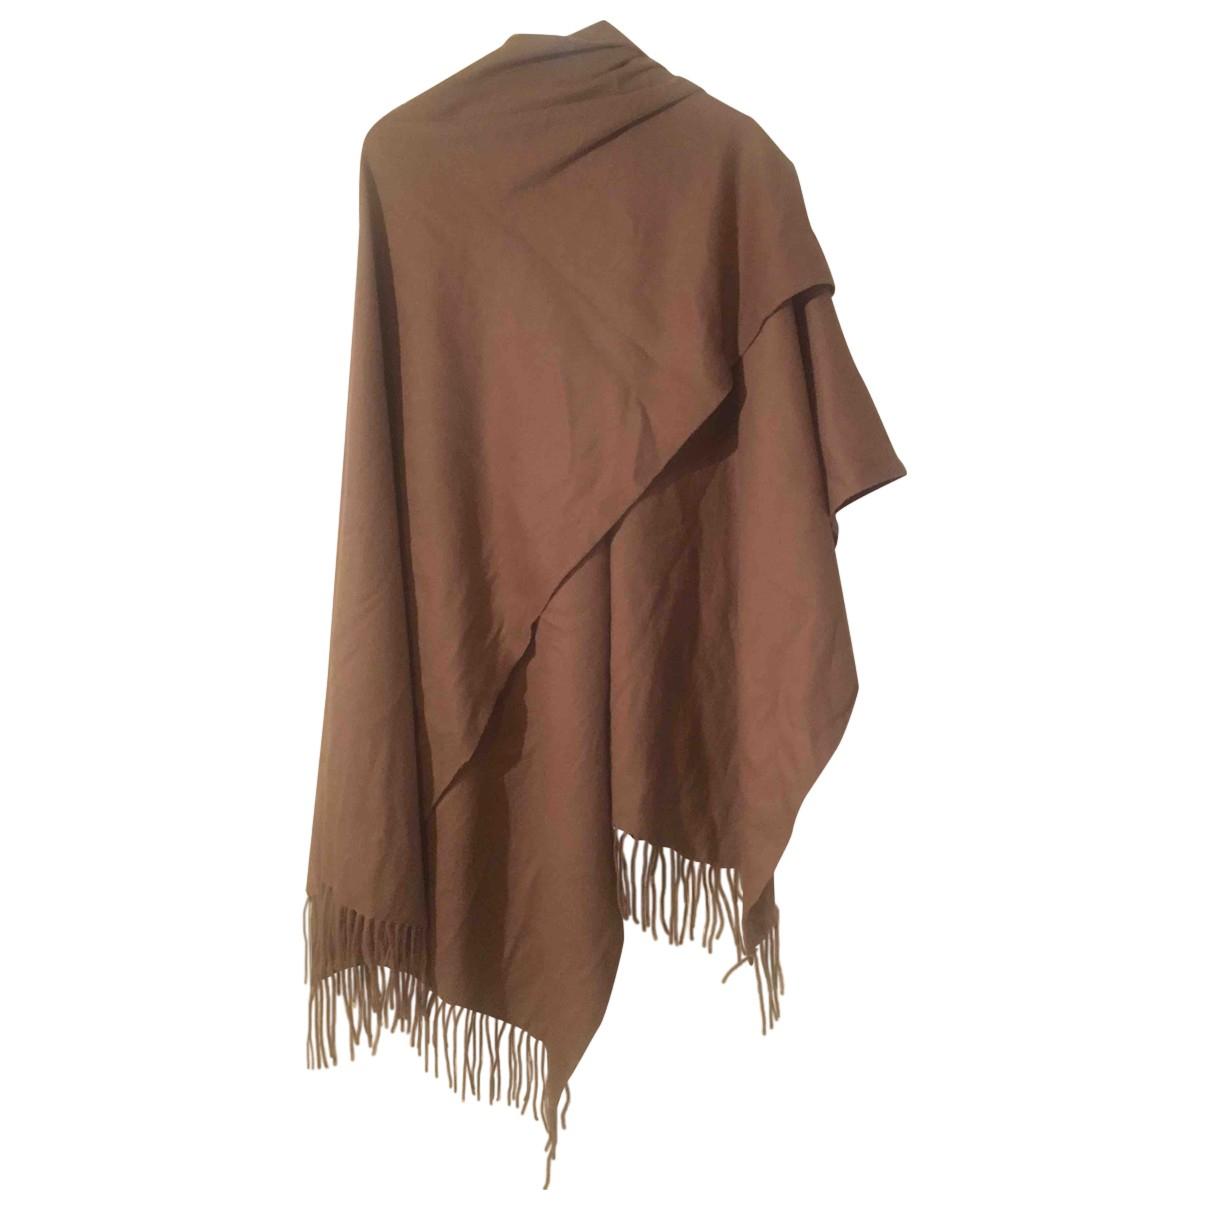 Cos - Foulard   pour femme en laine - beige